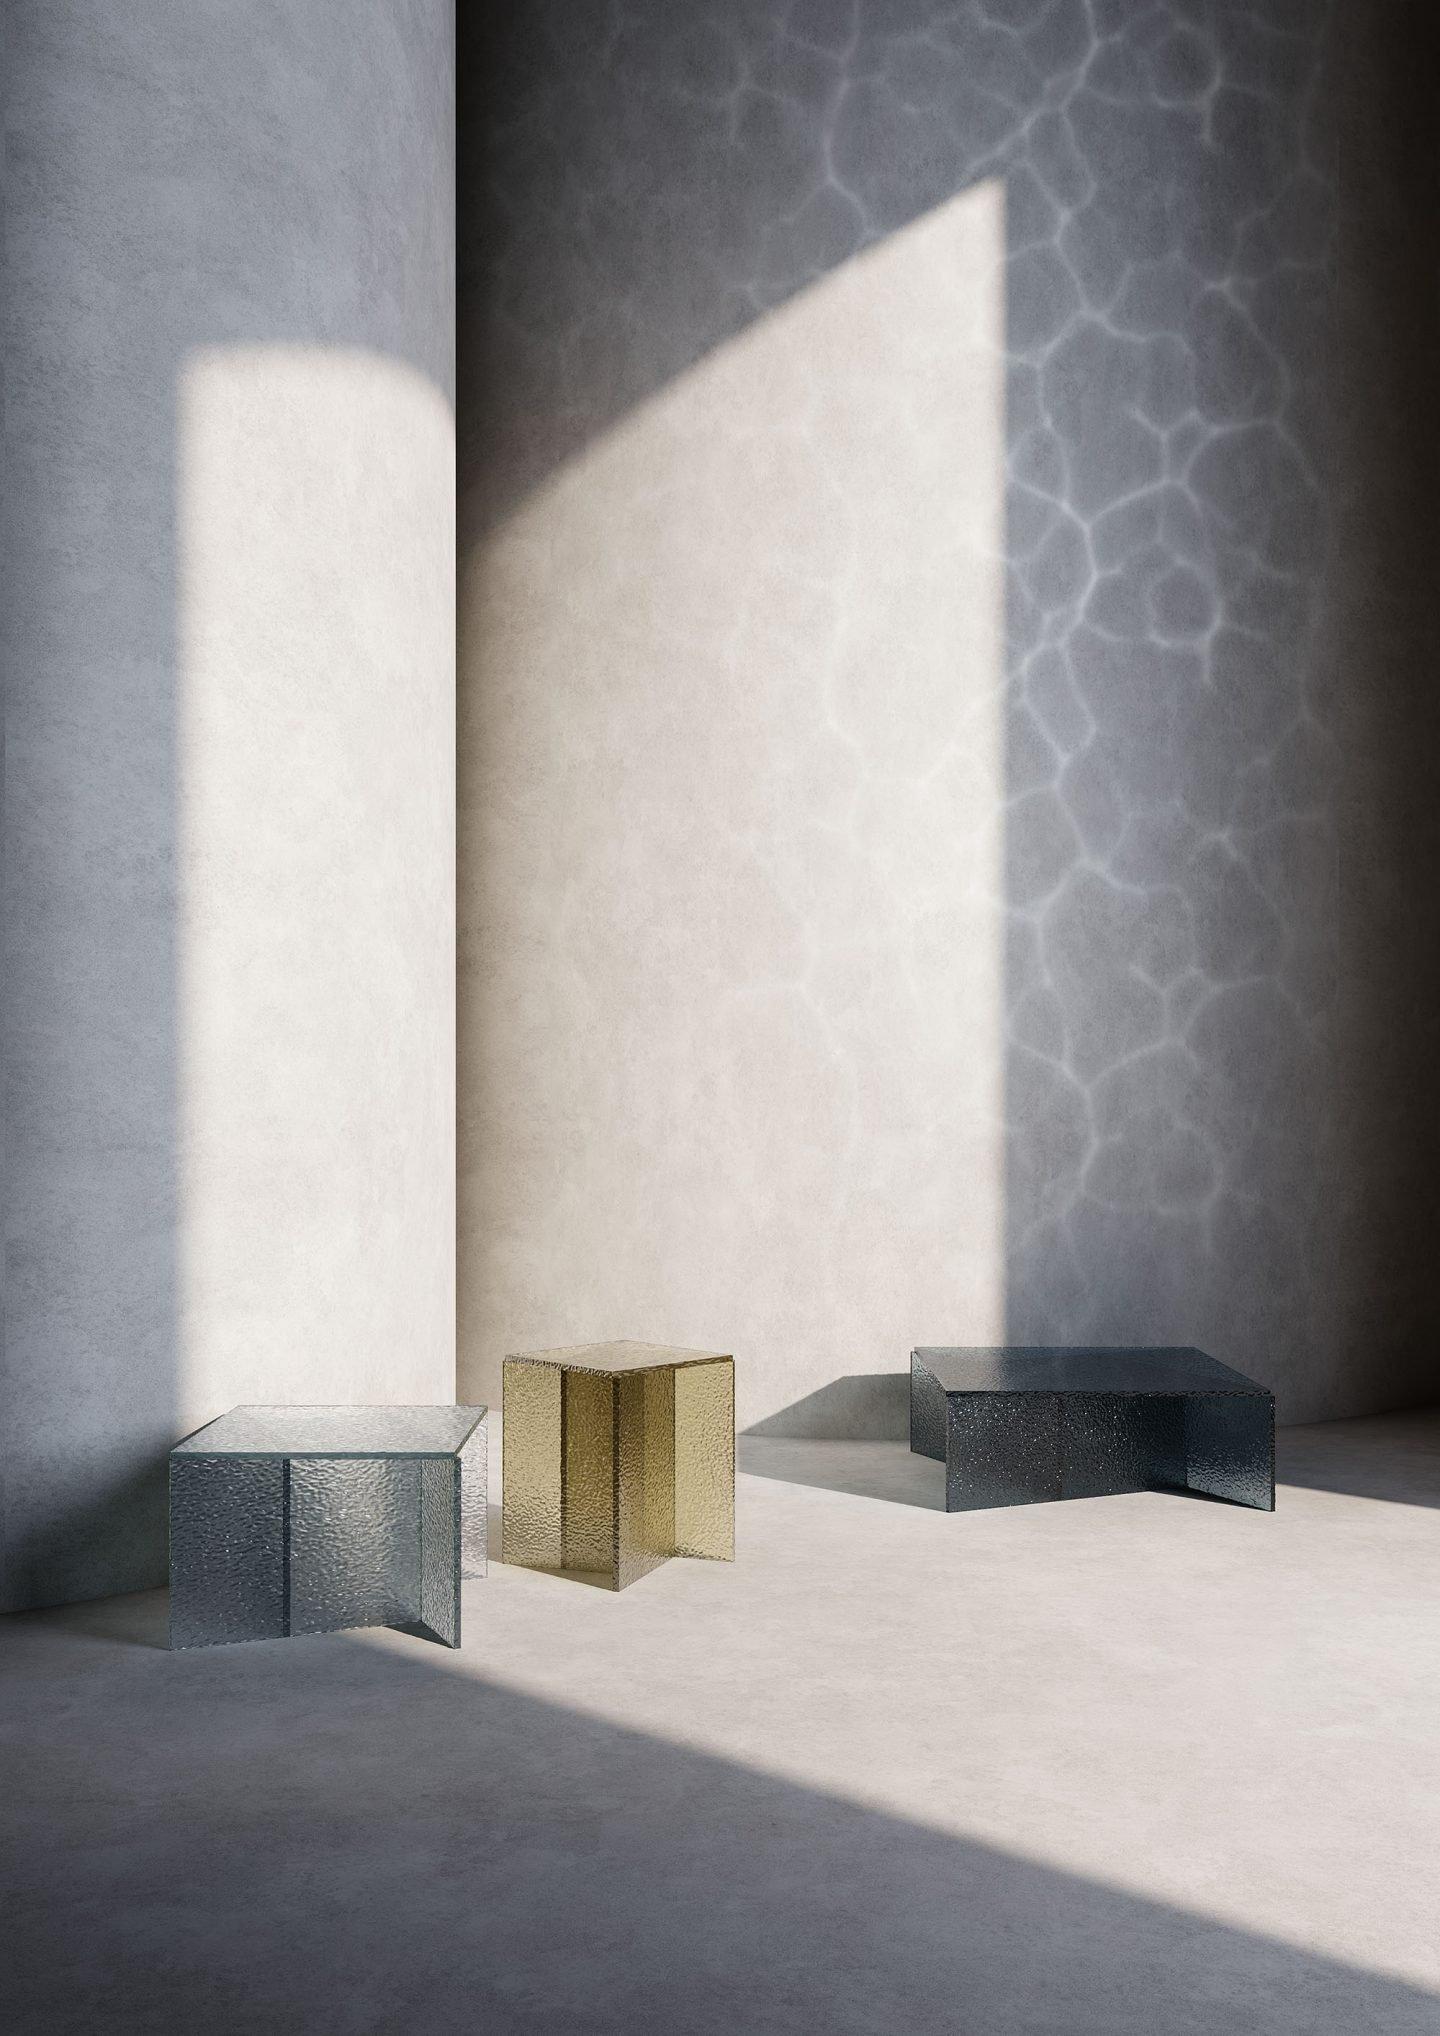 IGNANT-Design-MUTStudio-3D-Massimo-Colonna-Aspa-Pulpo